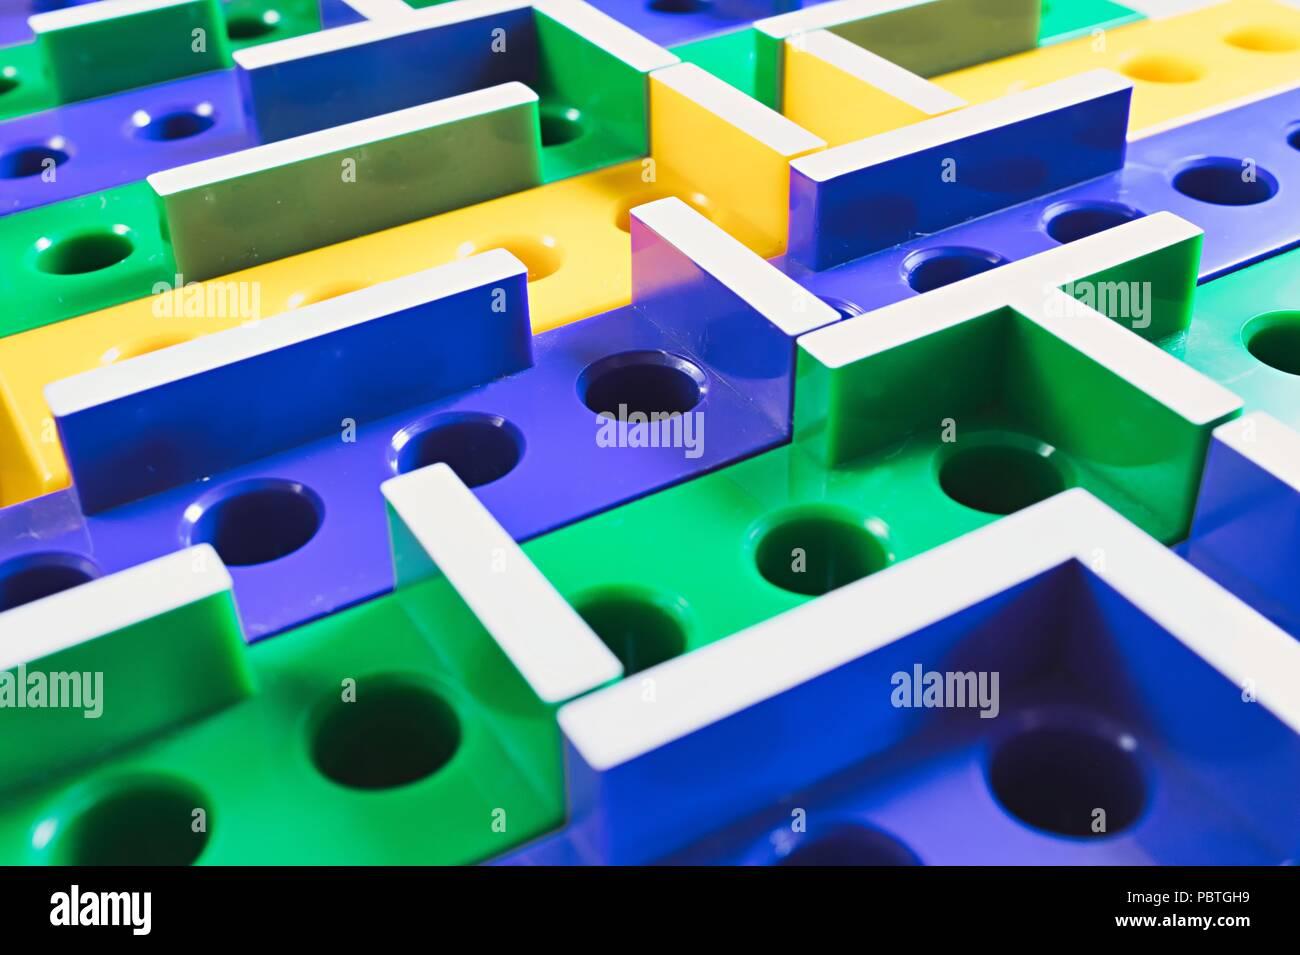 Laberinto 3d Juego De Tablero De Plastico De Color Foto Imagen De